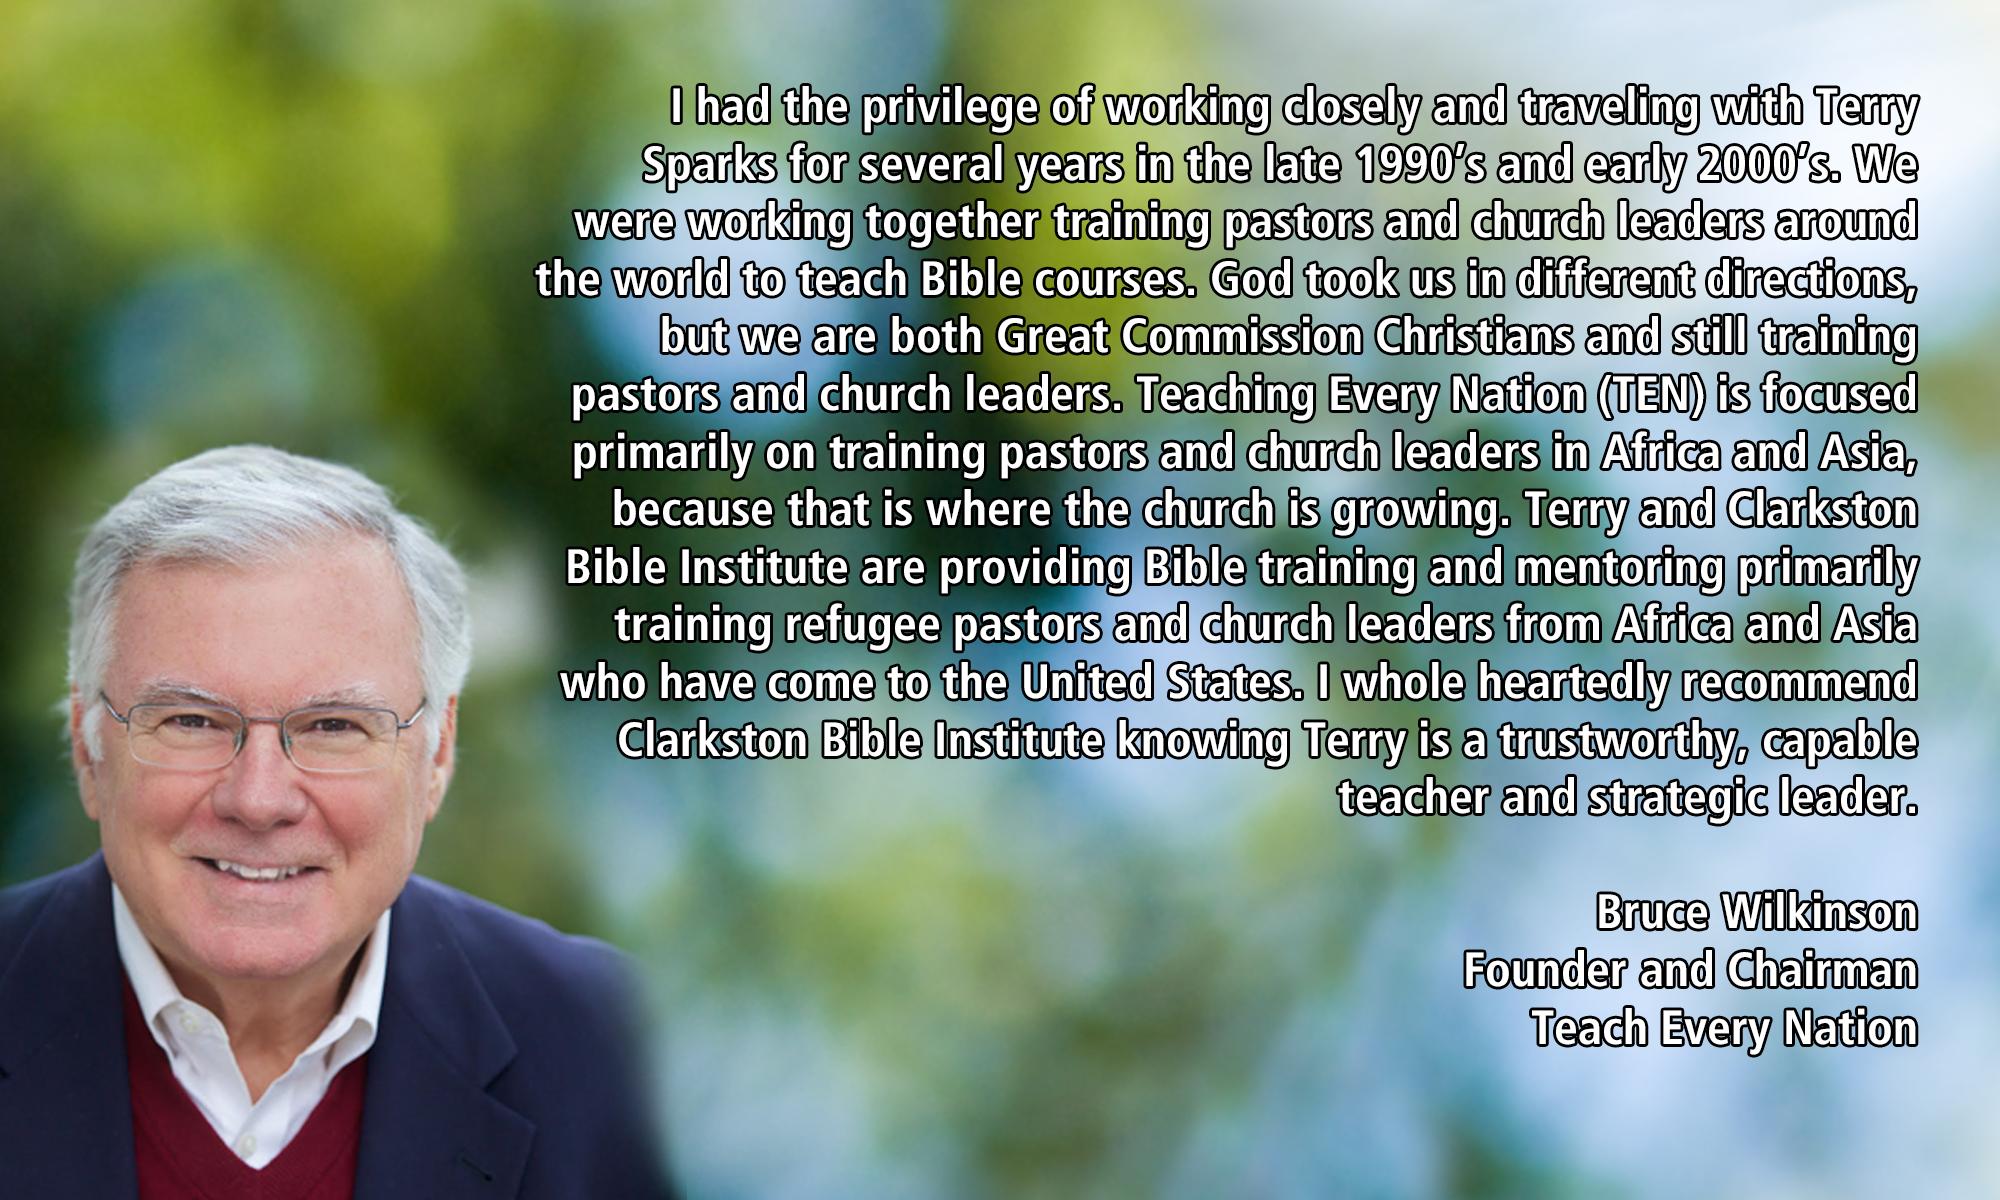 Clarkston Bible Institute